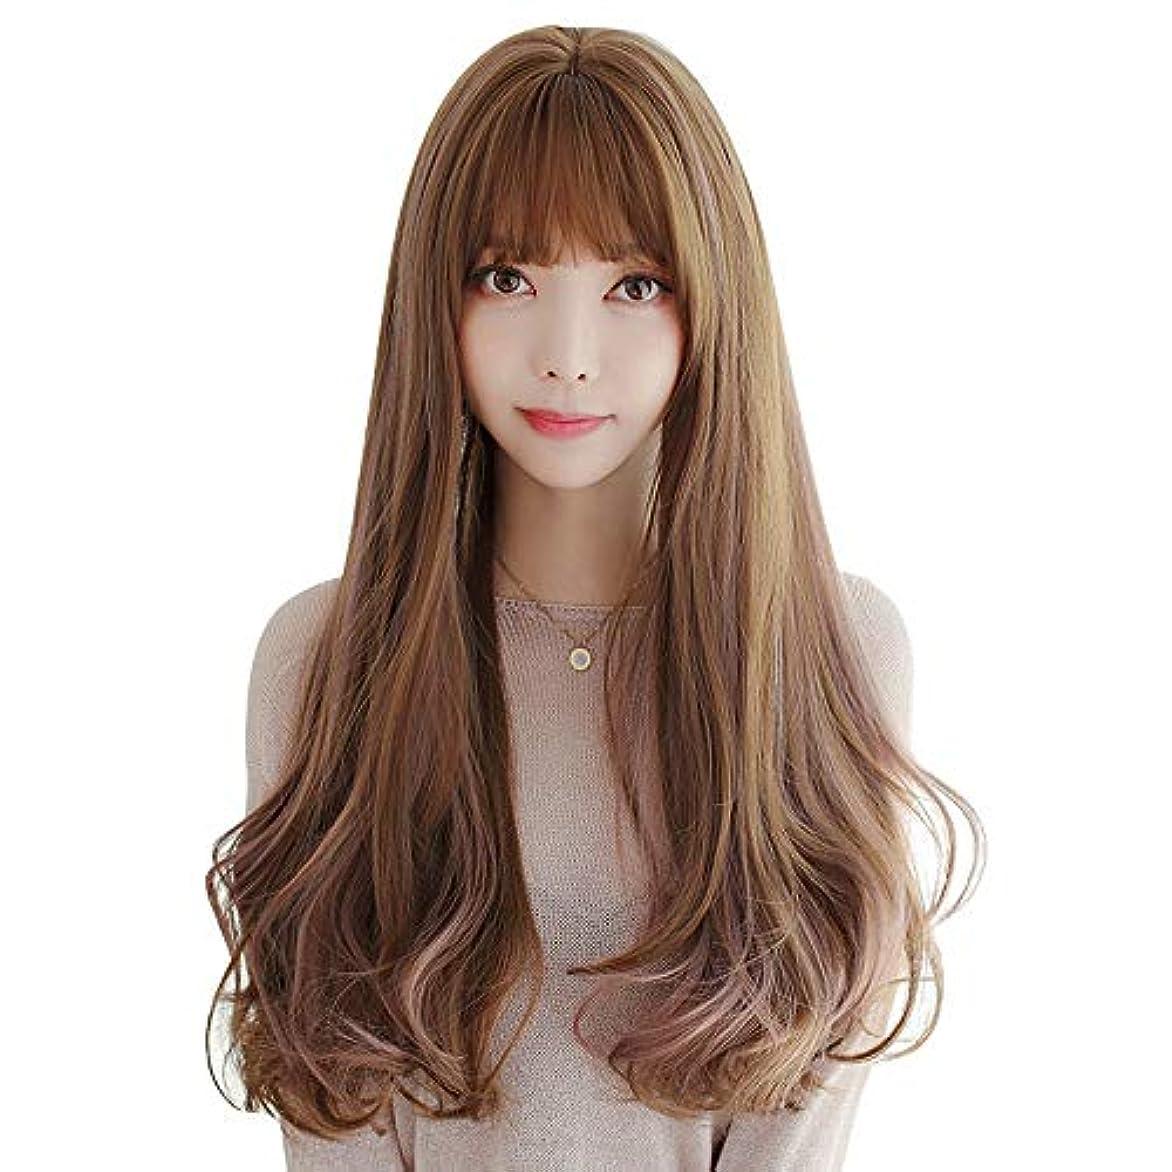 が欲しいアーカイブアンタゴニストSRY-Wigファッション ヨーロッパとアメリカの女性の波状かつら前髪ミドル丈合成コスプレかつら日常用または衣装 (Color : 01, Size : フリー)